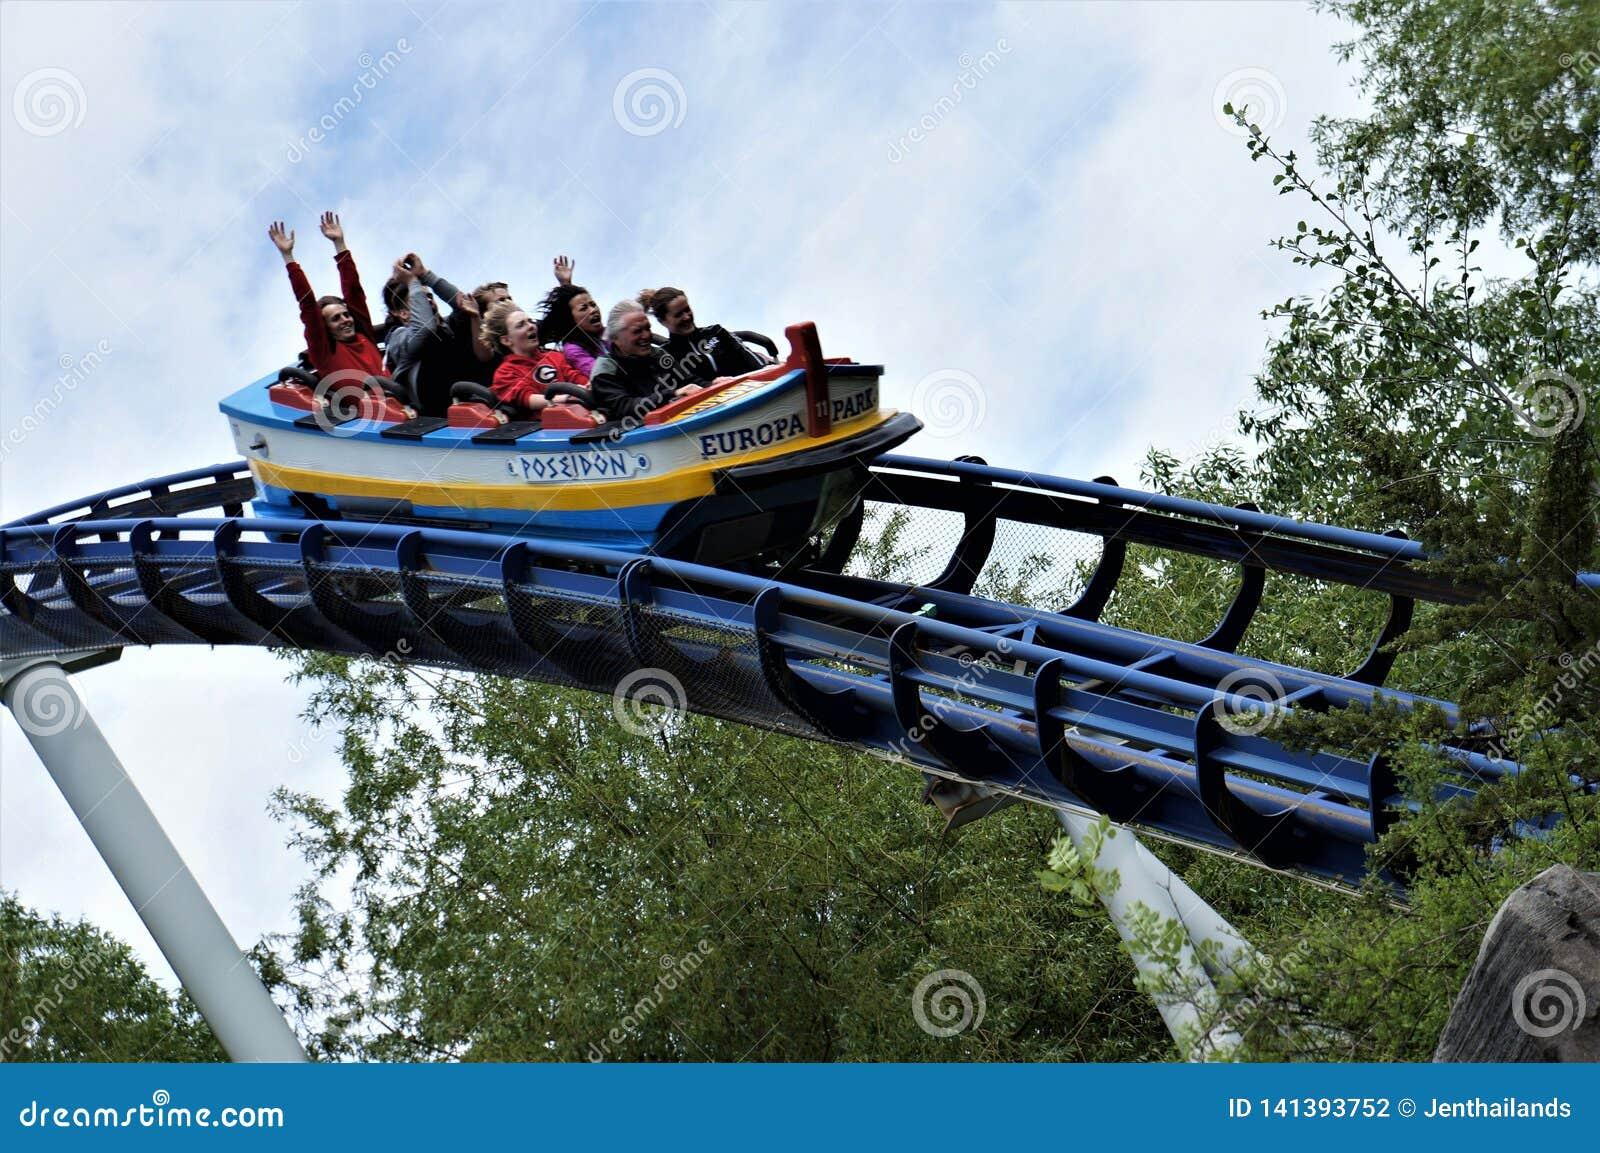 Povos em um roller coaster no parque do Europa